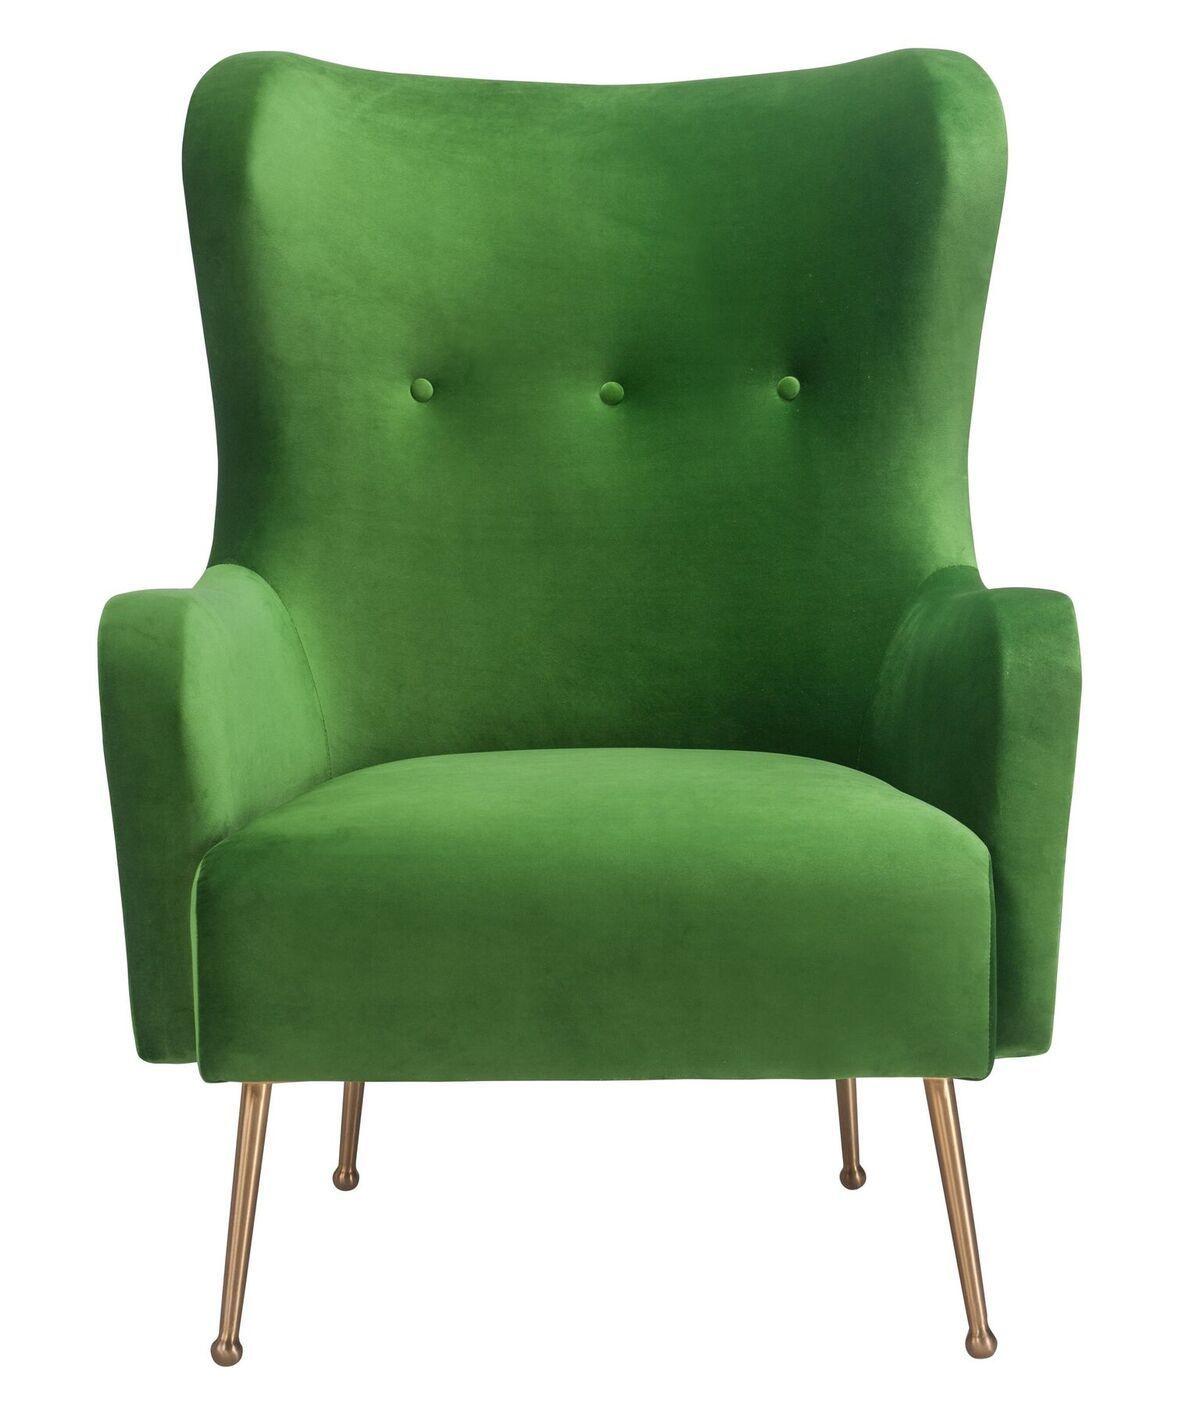 Evan green velvet chair